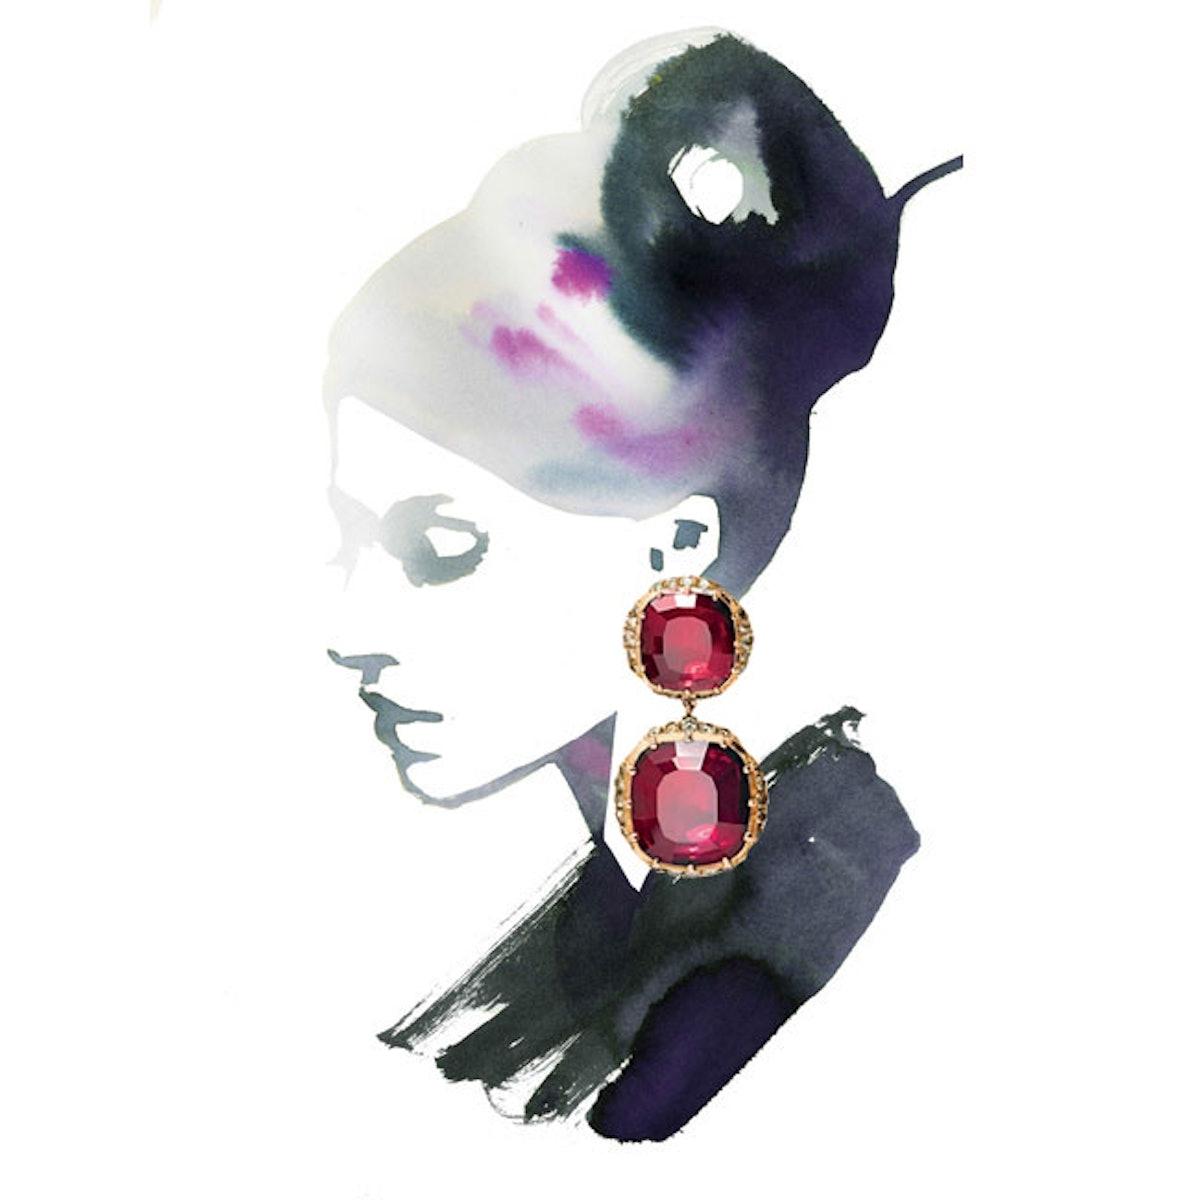 Larkspur & Hawk garnet earrings